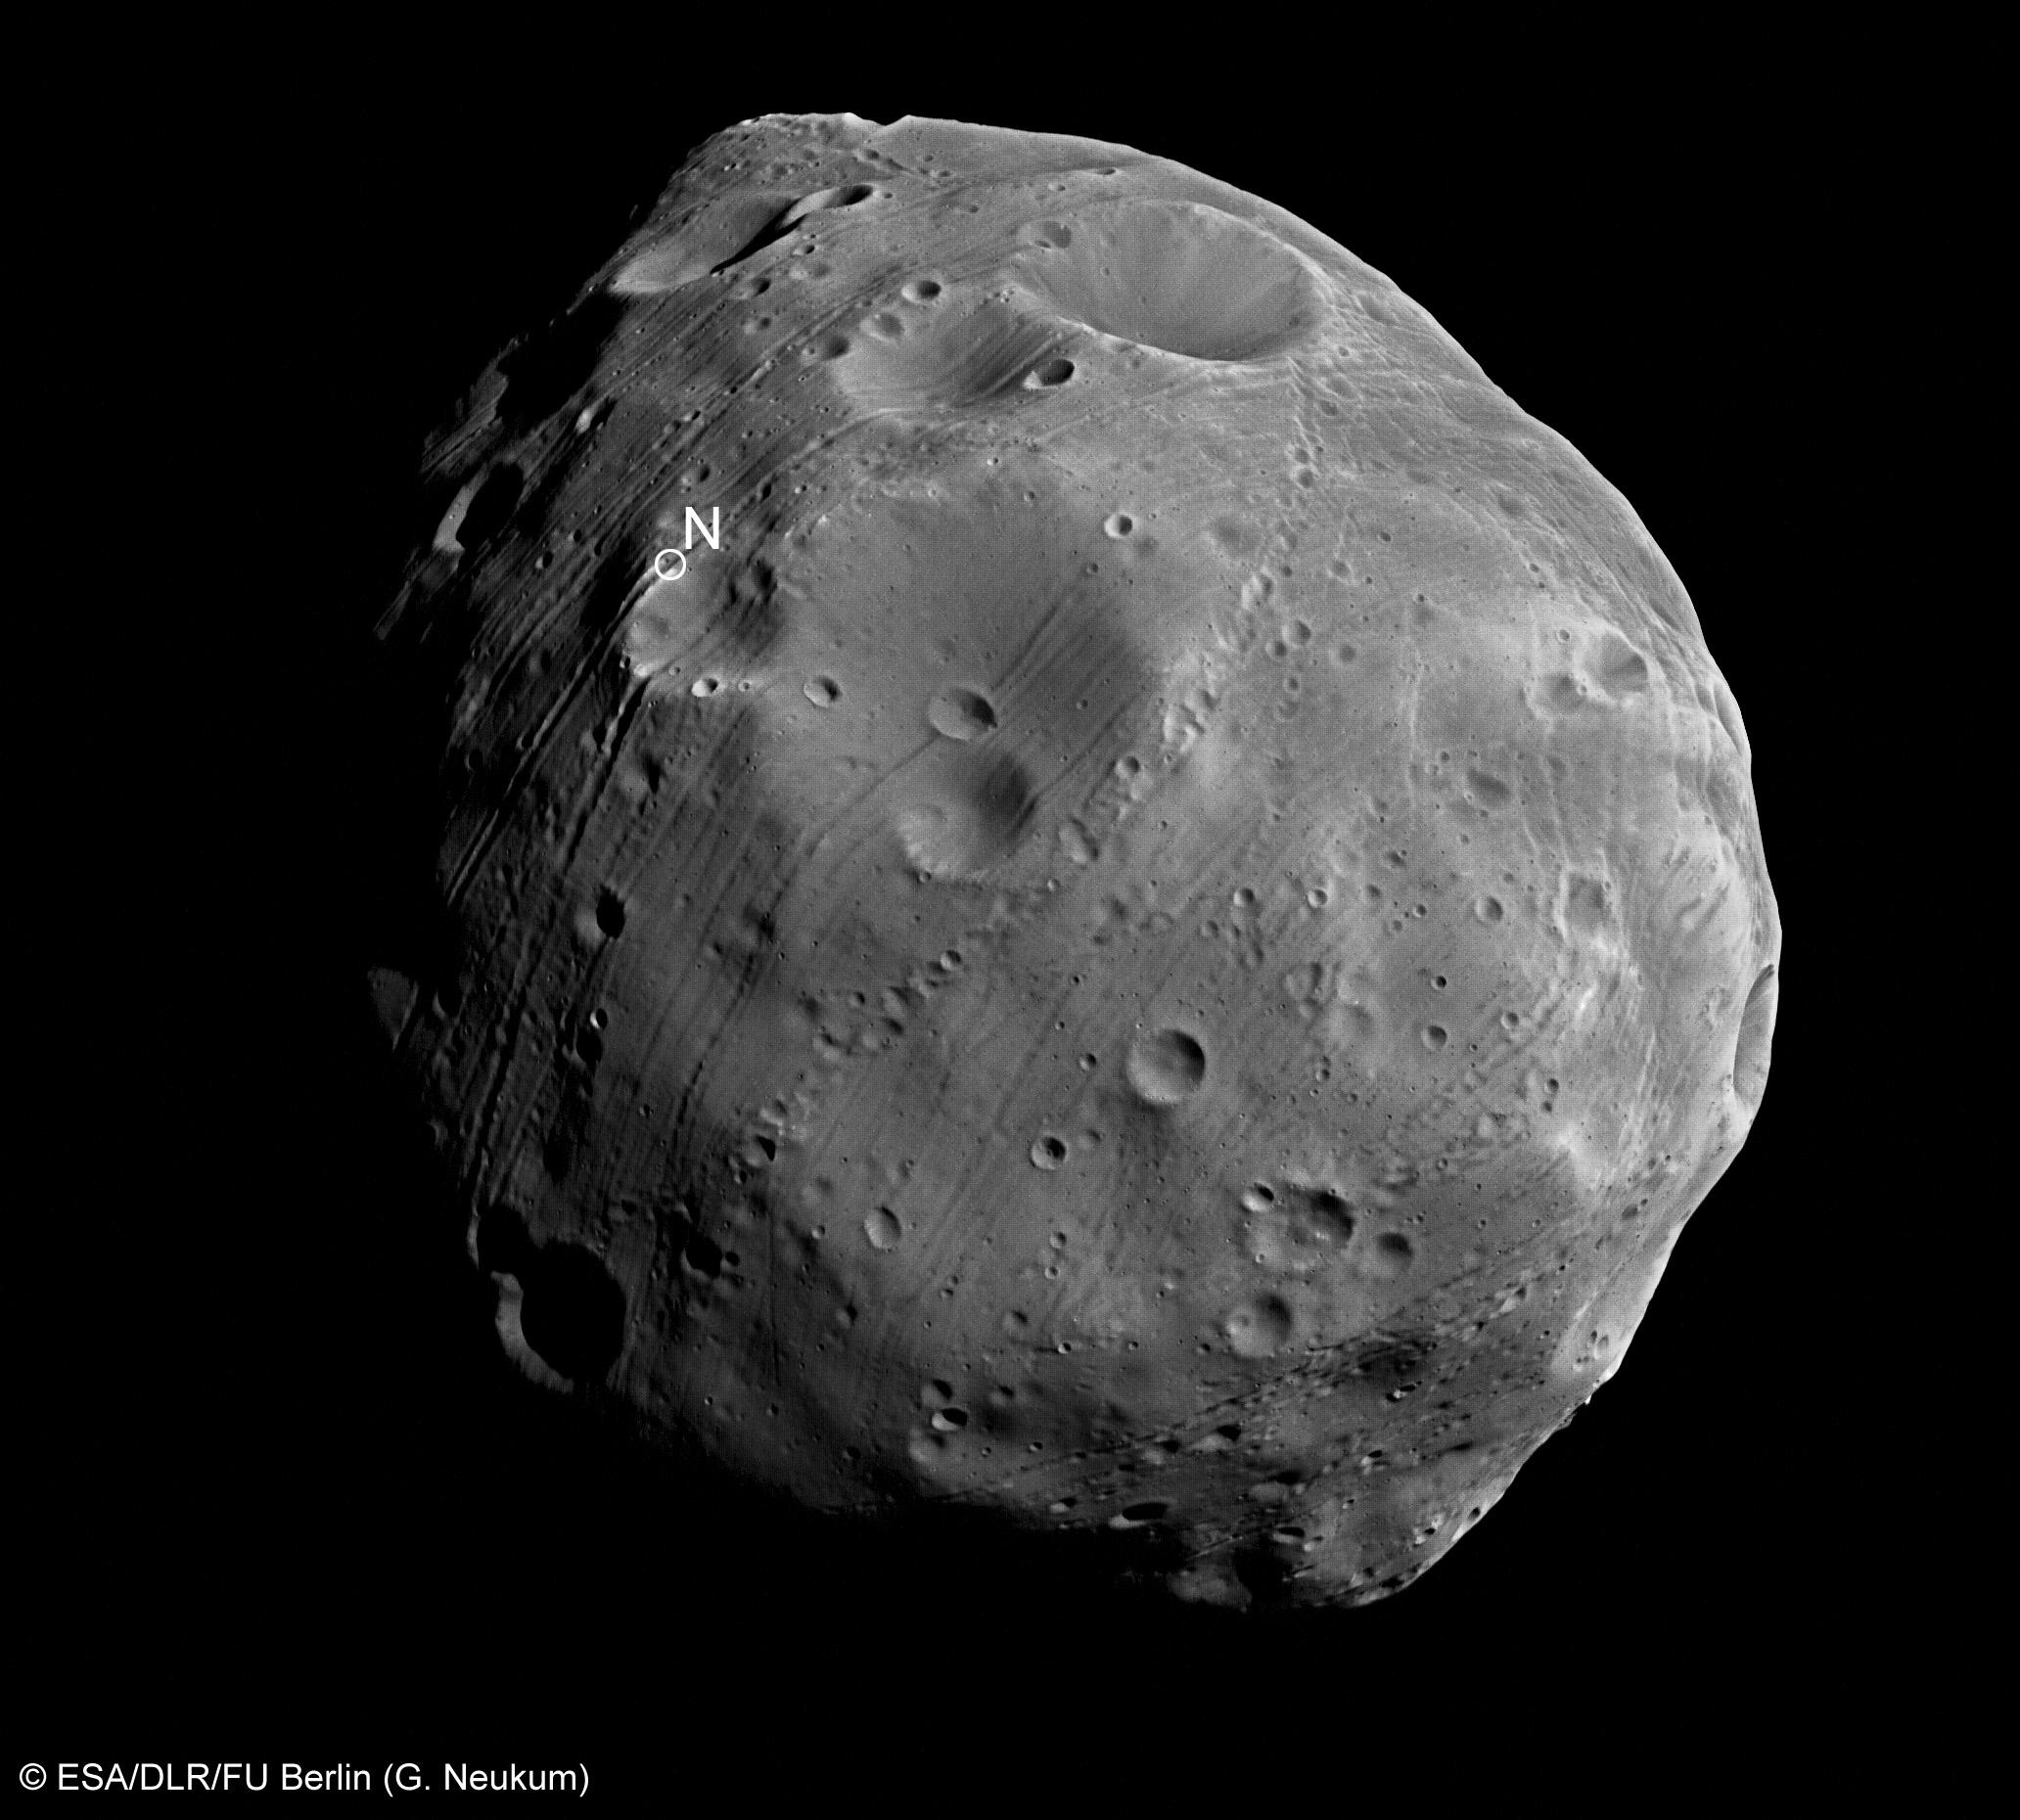 1567217016687-455-20091201-5870-Close-up_of_Phobos-04-PhobosDeimos_H1.jpg